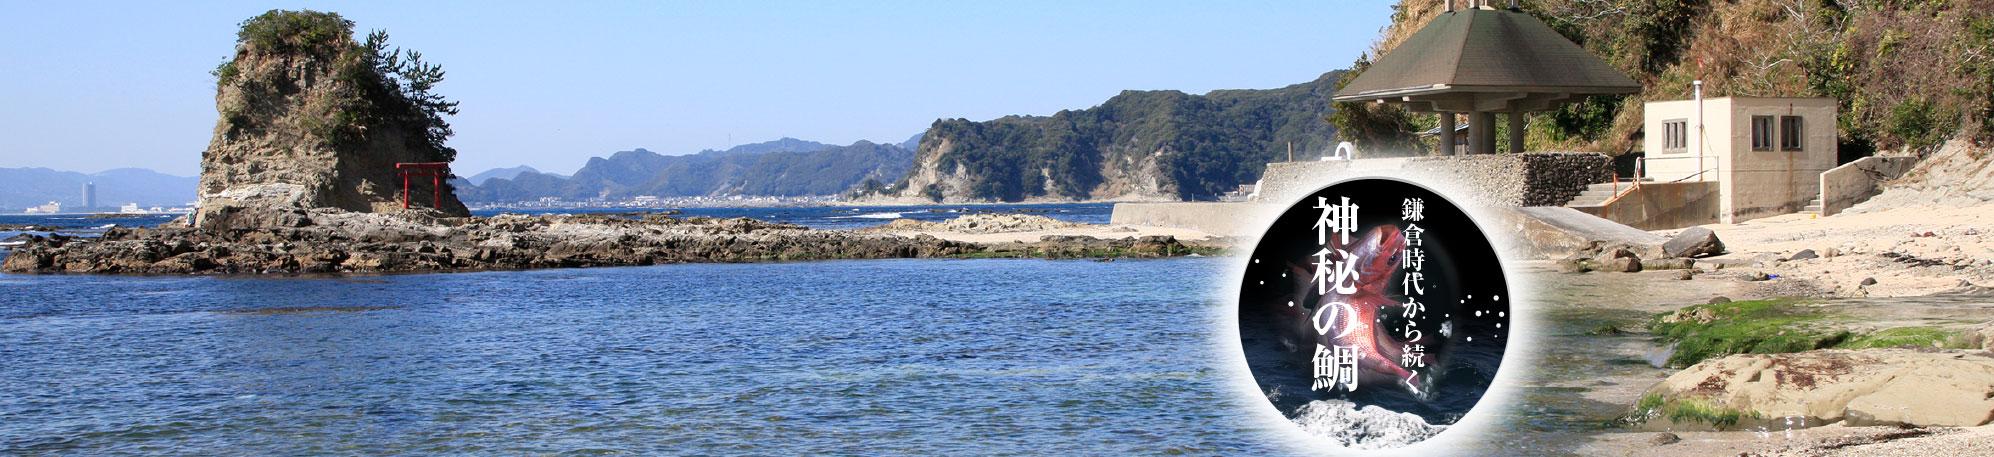 鯛ノ浦周辺の観光情報